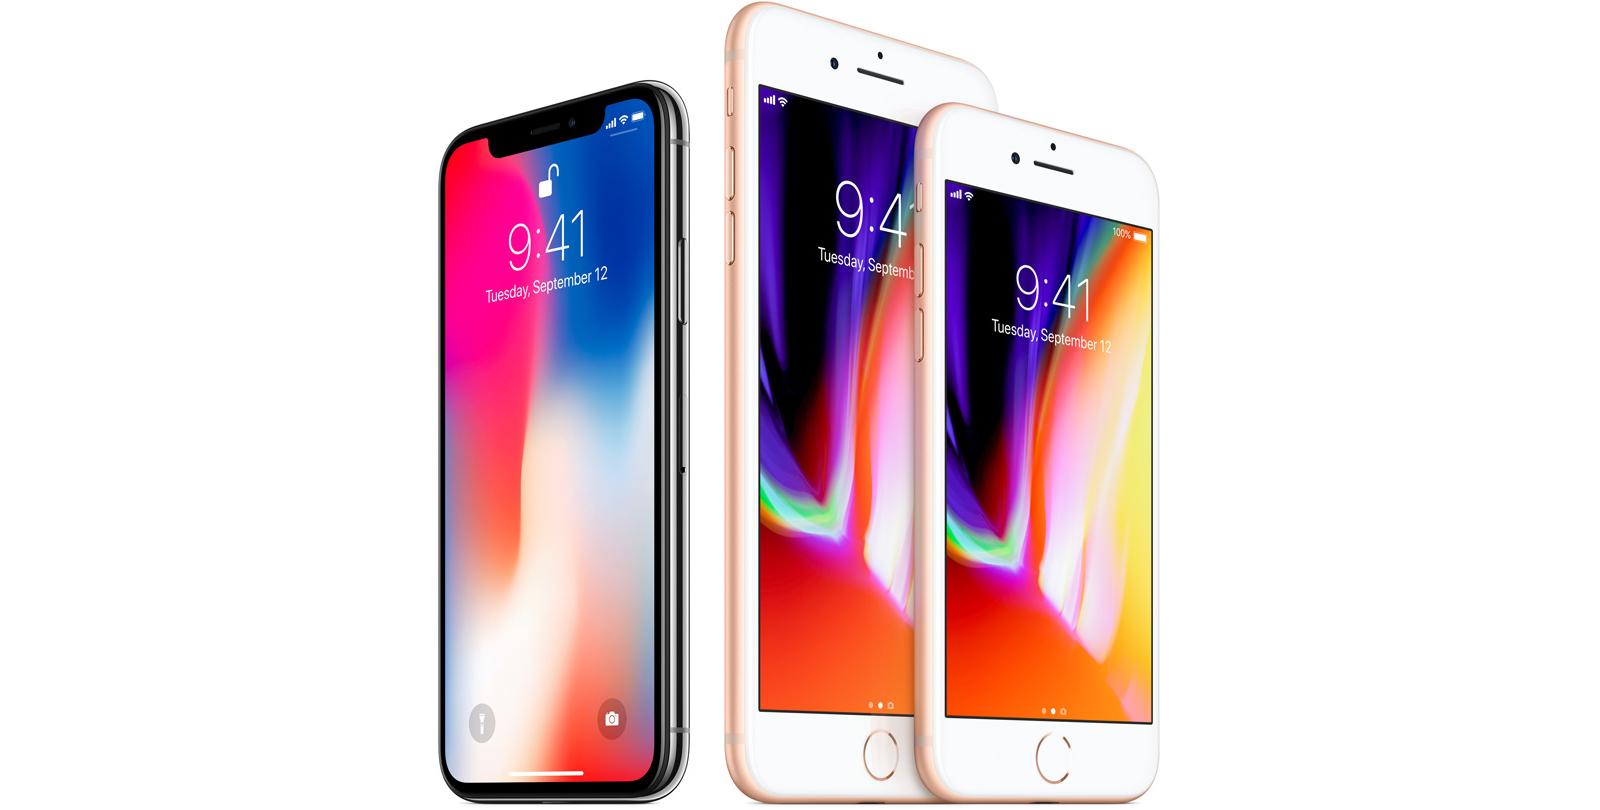 Estas son las diferencias entre el iPhone X, iPhone 8 y iPhone 7